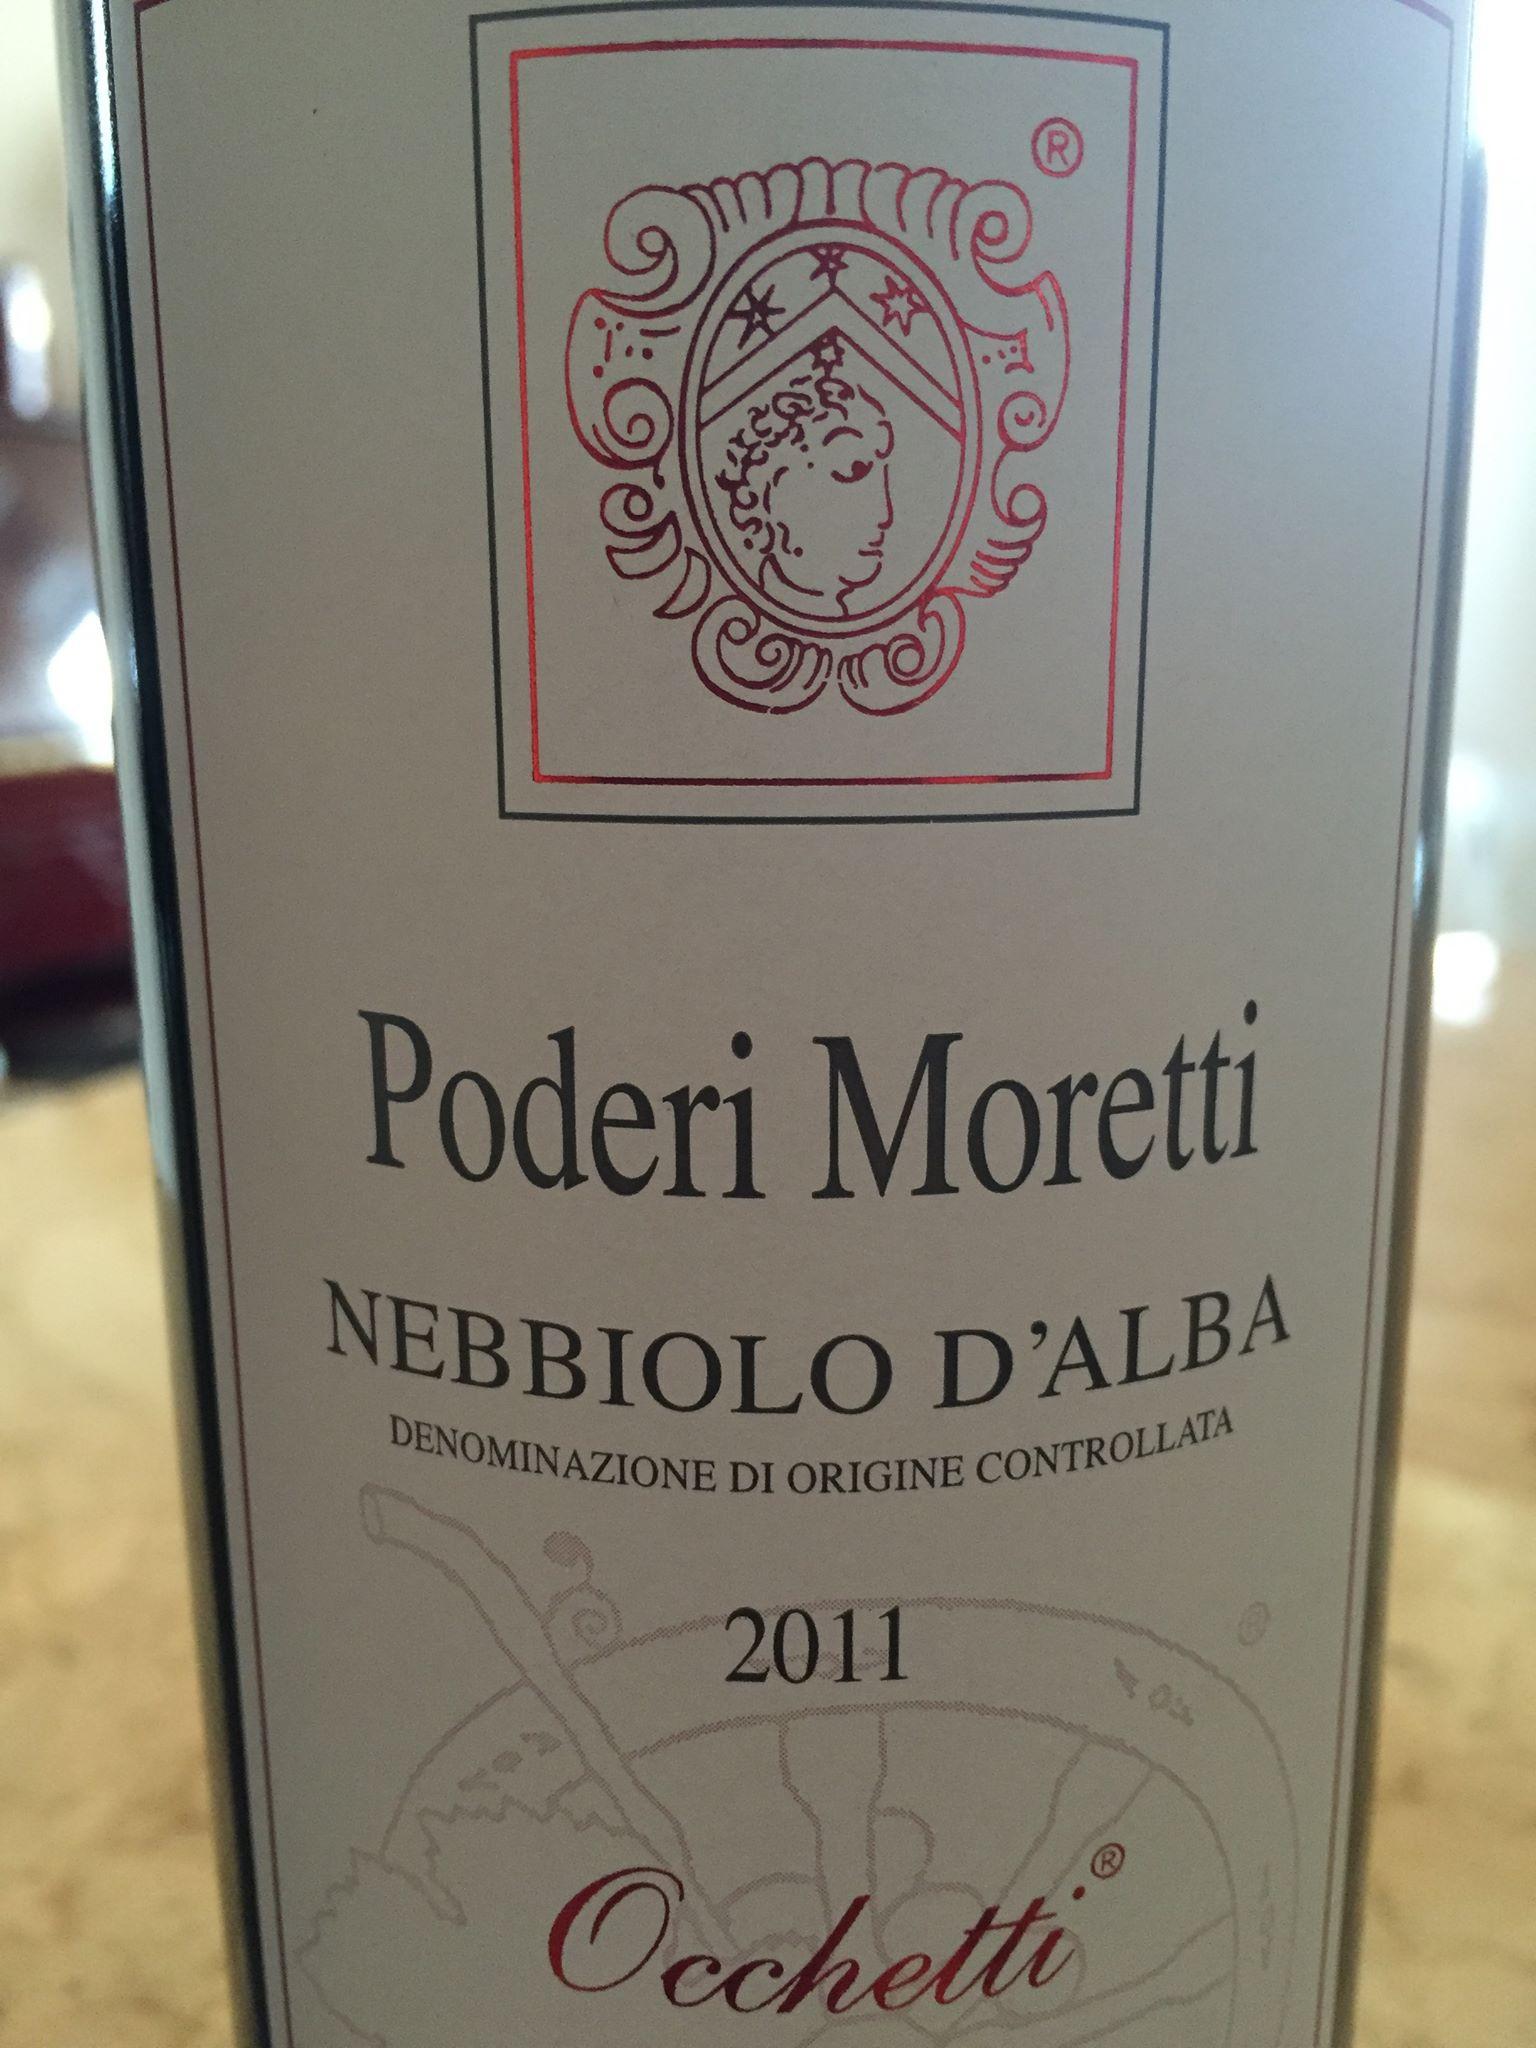 Poderi Moretti – Occhetti 2011 – Nebbiolo d'Alba